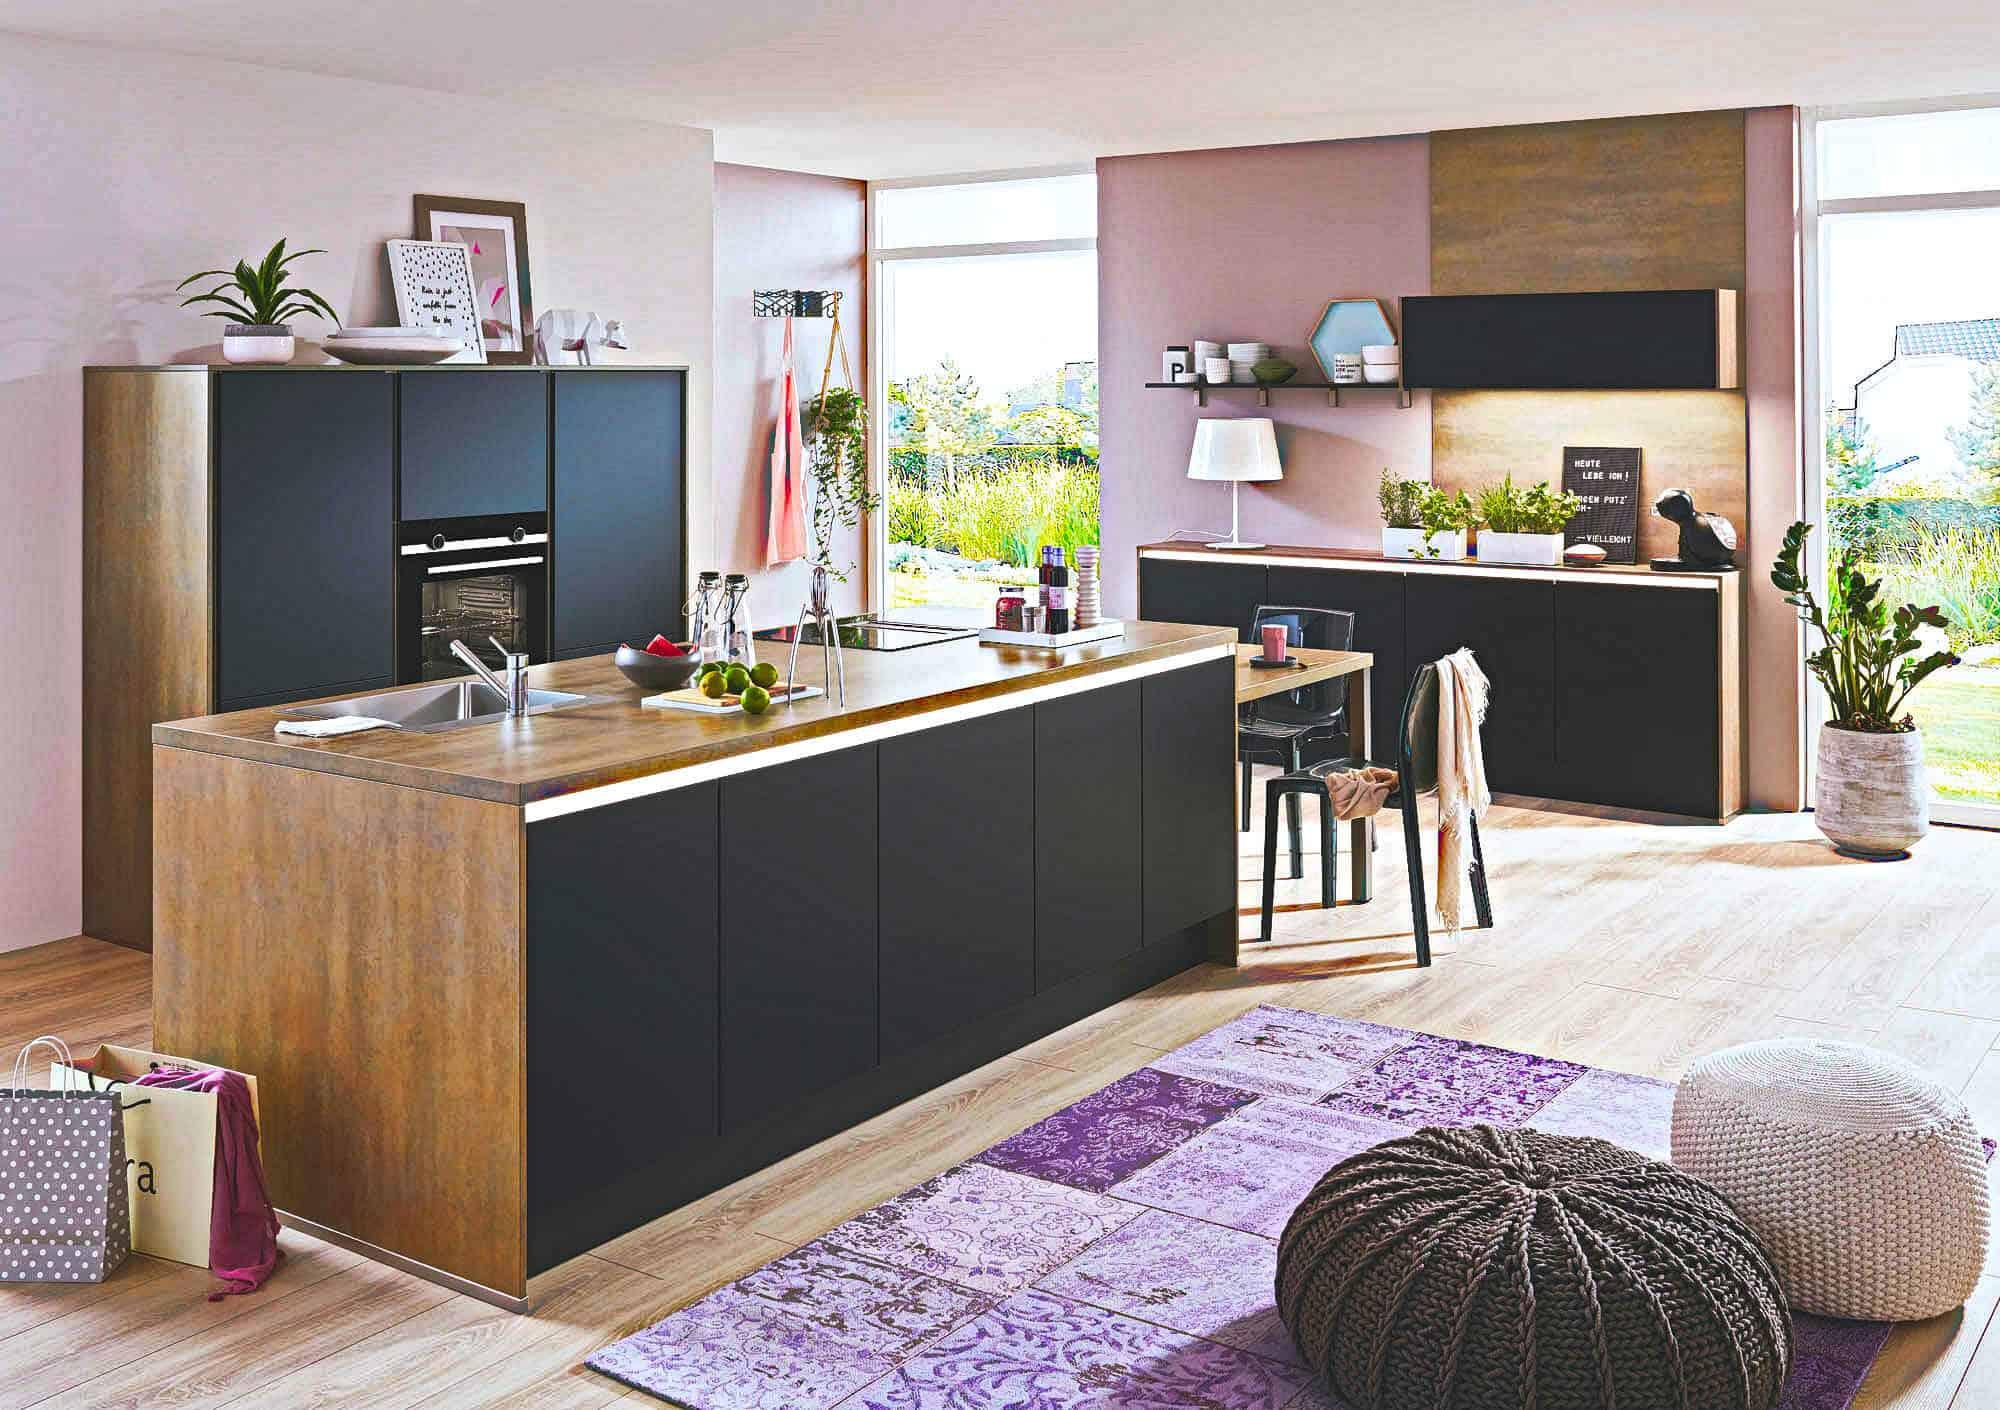 Metall Küche - Industrial Style Küchen günstig erwerben - Küchenbörse